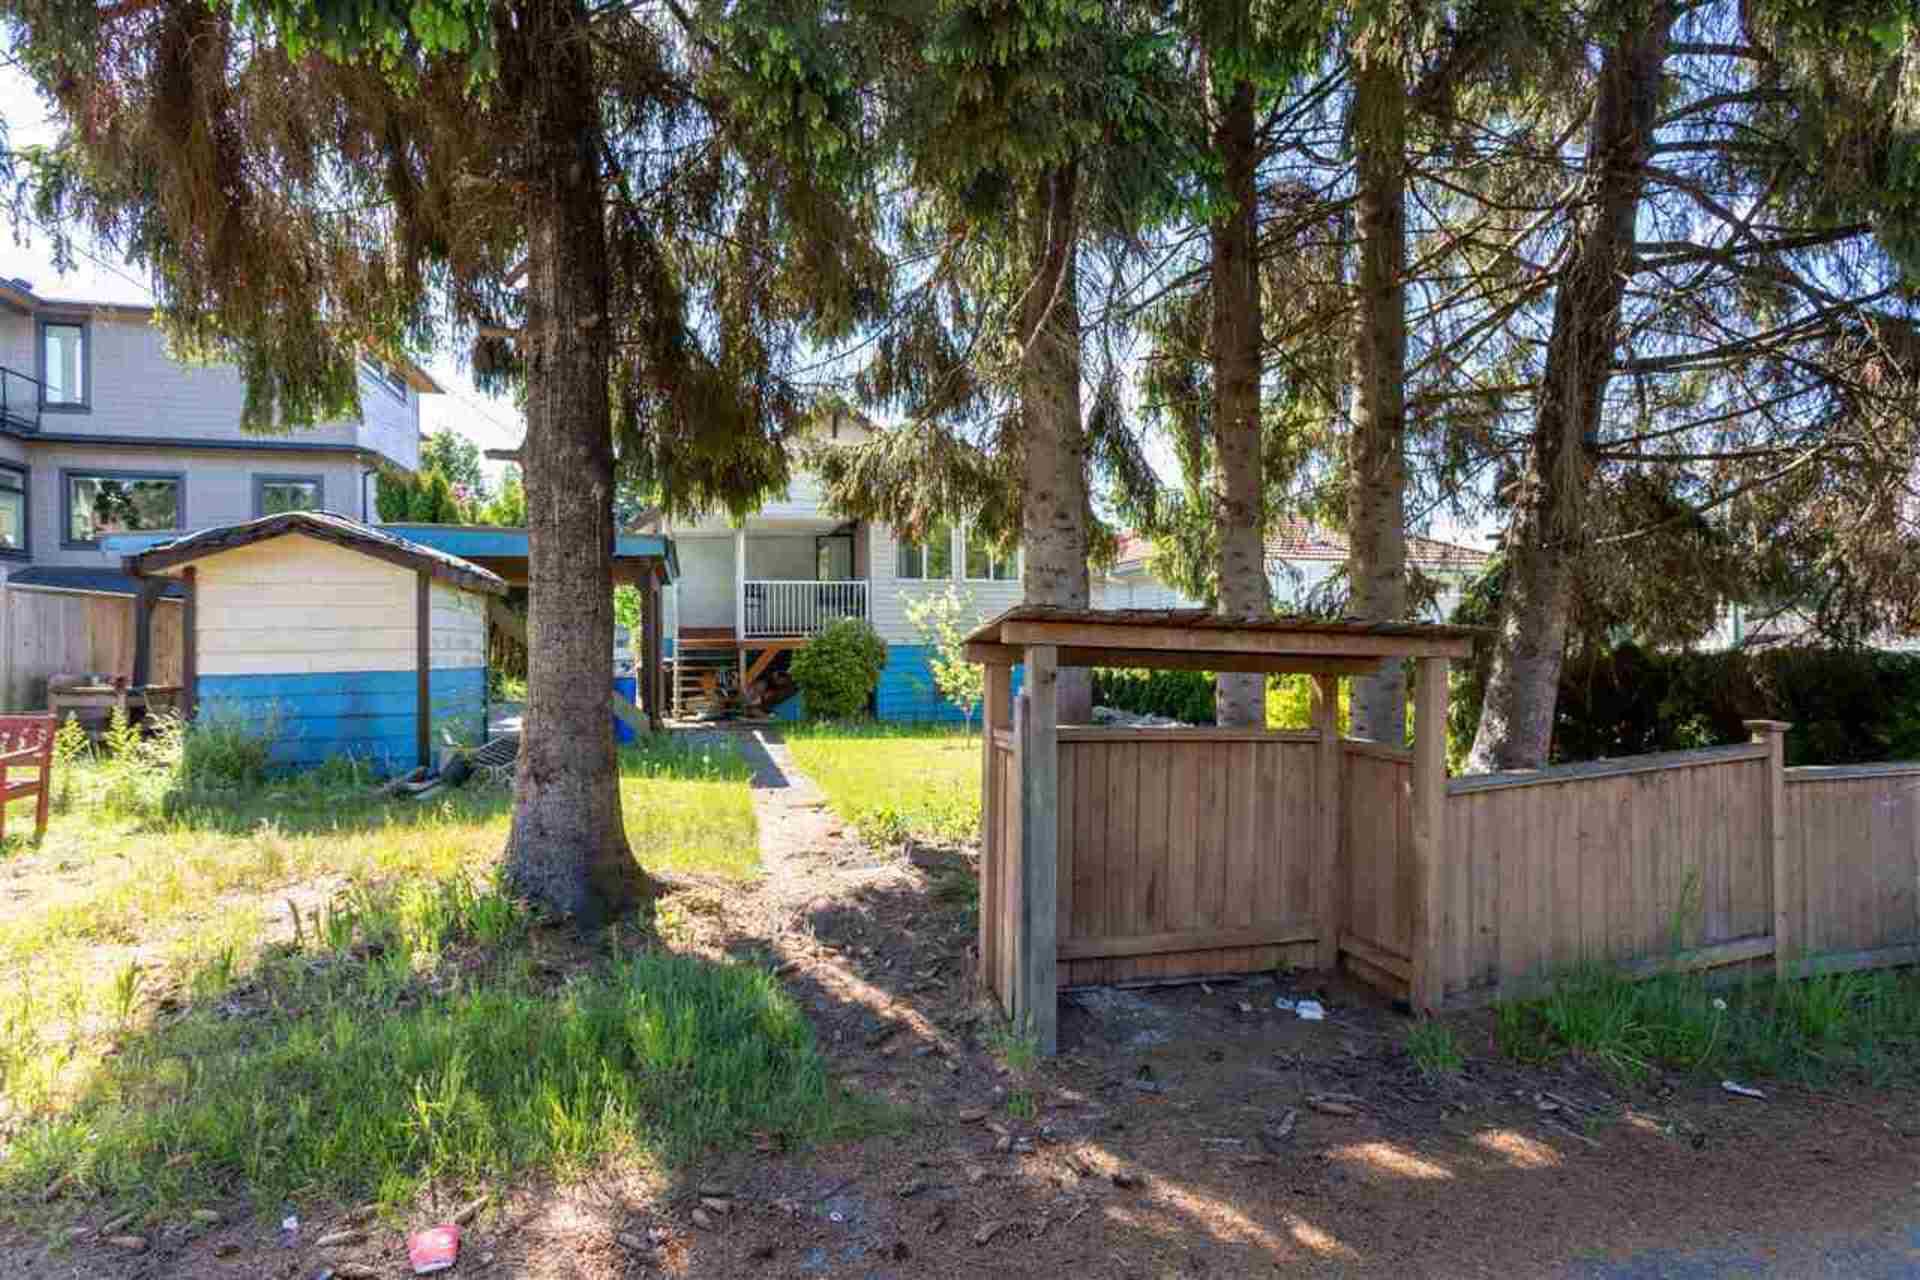 6036-brantford-avenue-upper-deer-lake-burnaby-south-10 at 6036 Brantford Avenue, Upper Deer Lake, Burnaby South